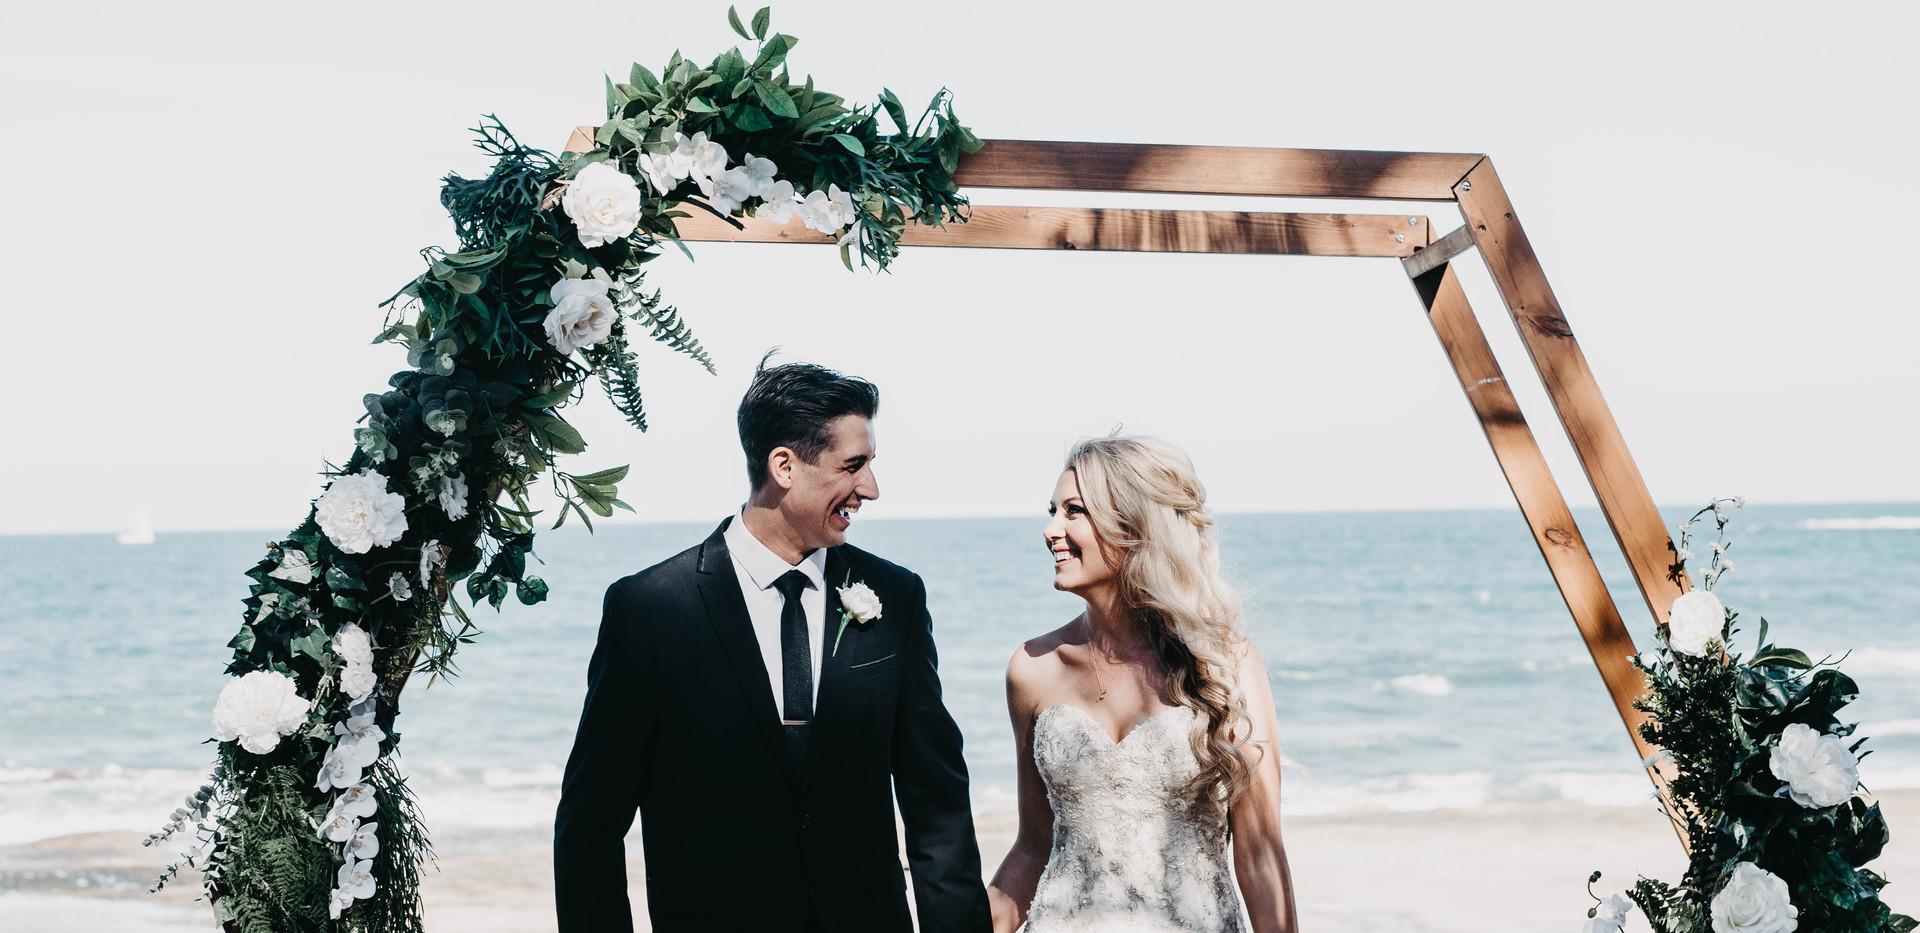 Jye and Tia wedding ceremony